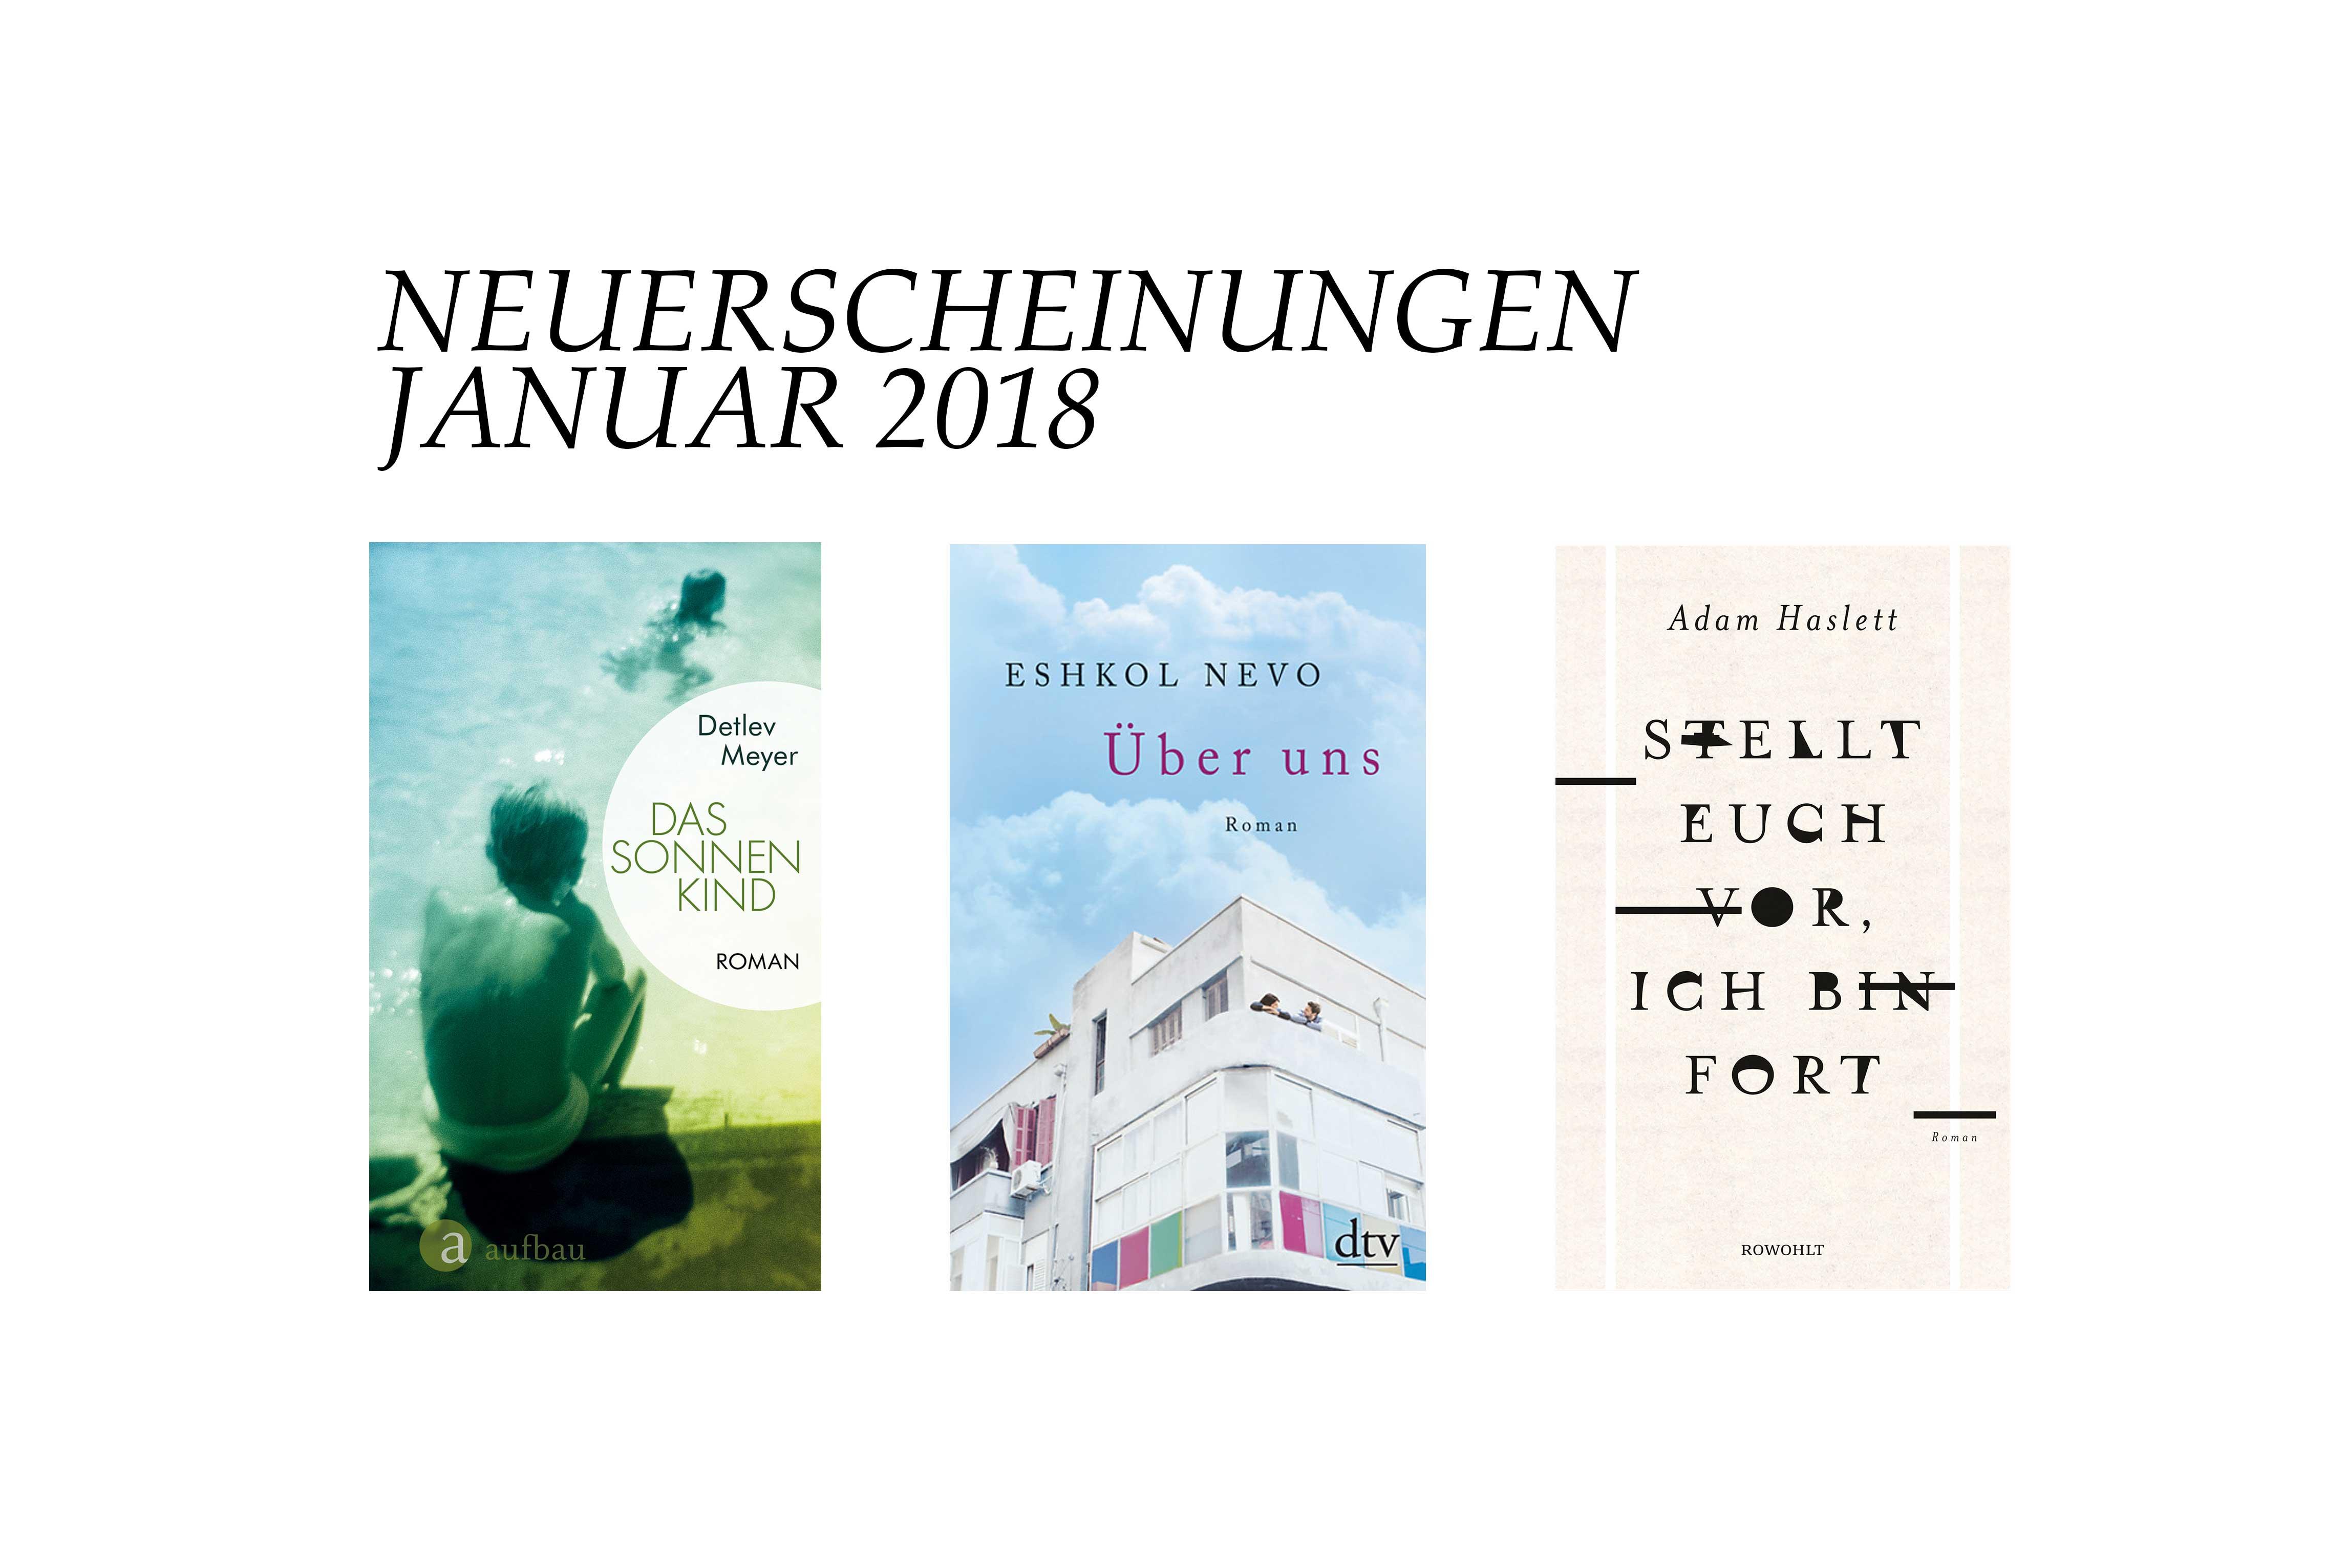 buchneuerscheinungen-buch-januar-2018-schonhalbelf-buchblog-das-sonnen-kind-ueber-uns-stellt-euch-vor-ich-bin-fort